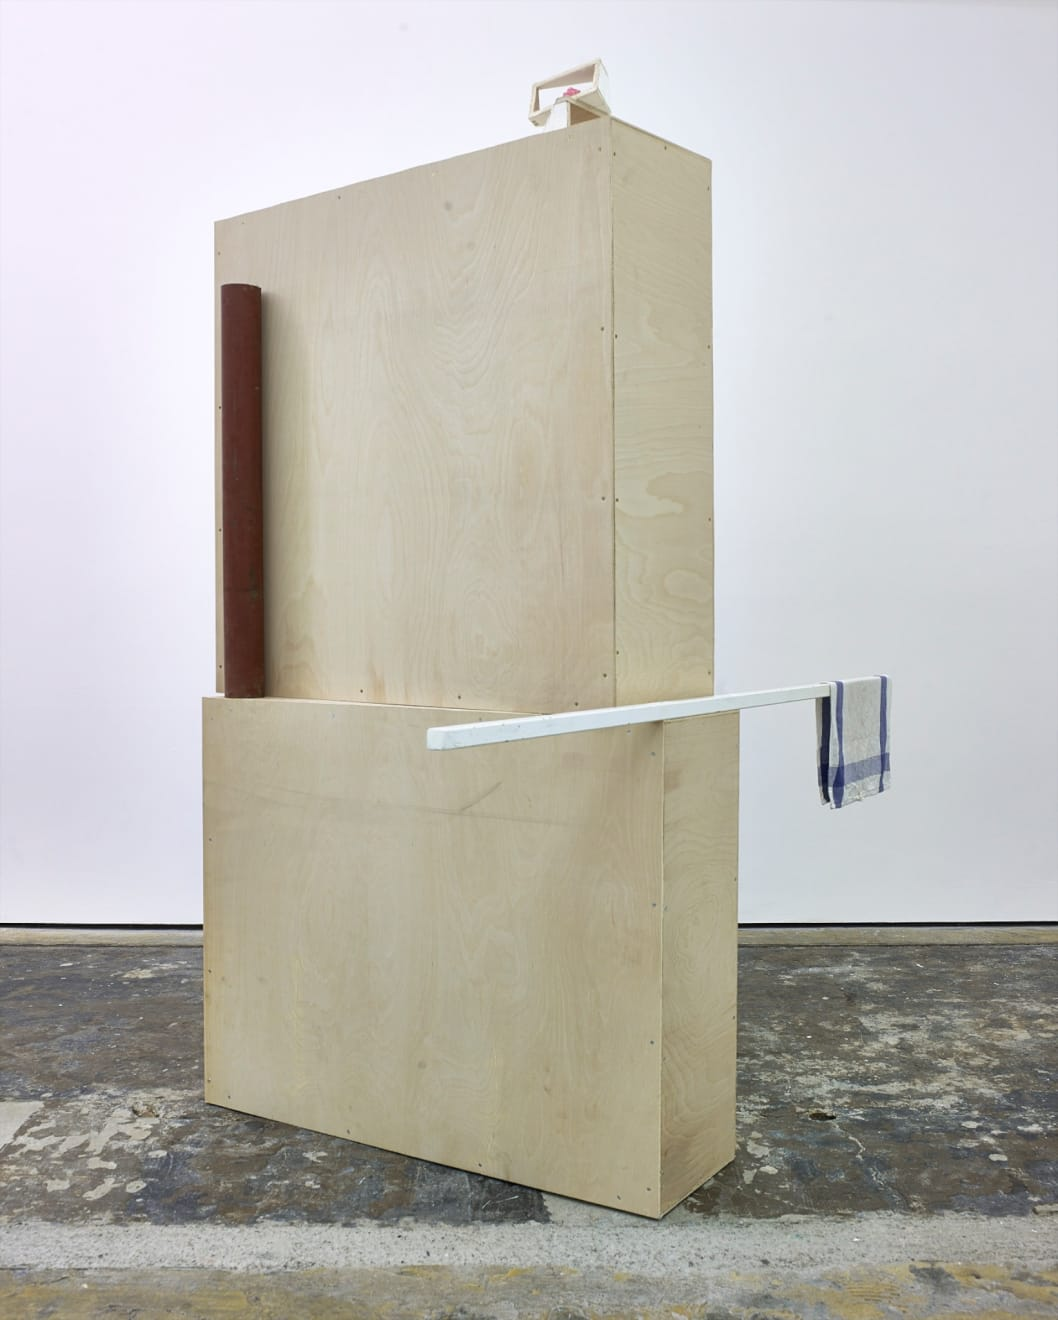 Eric Bainbridge, Azincourt, 2014